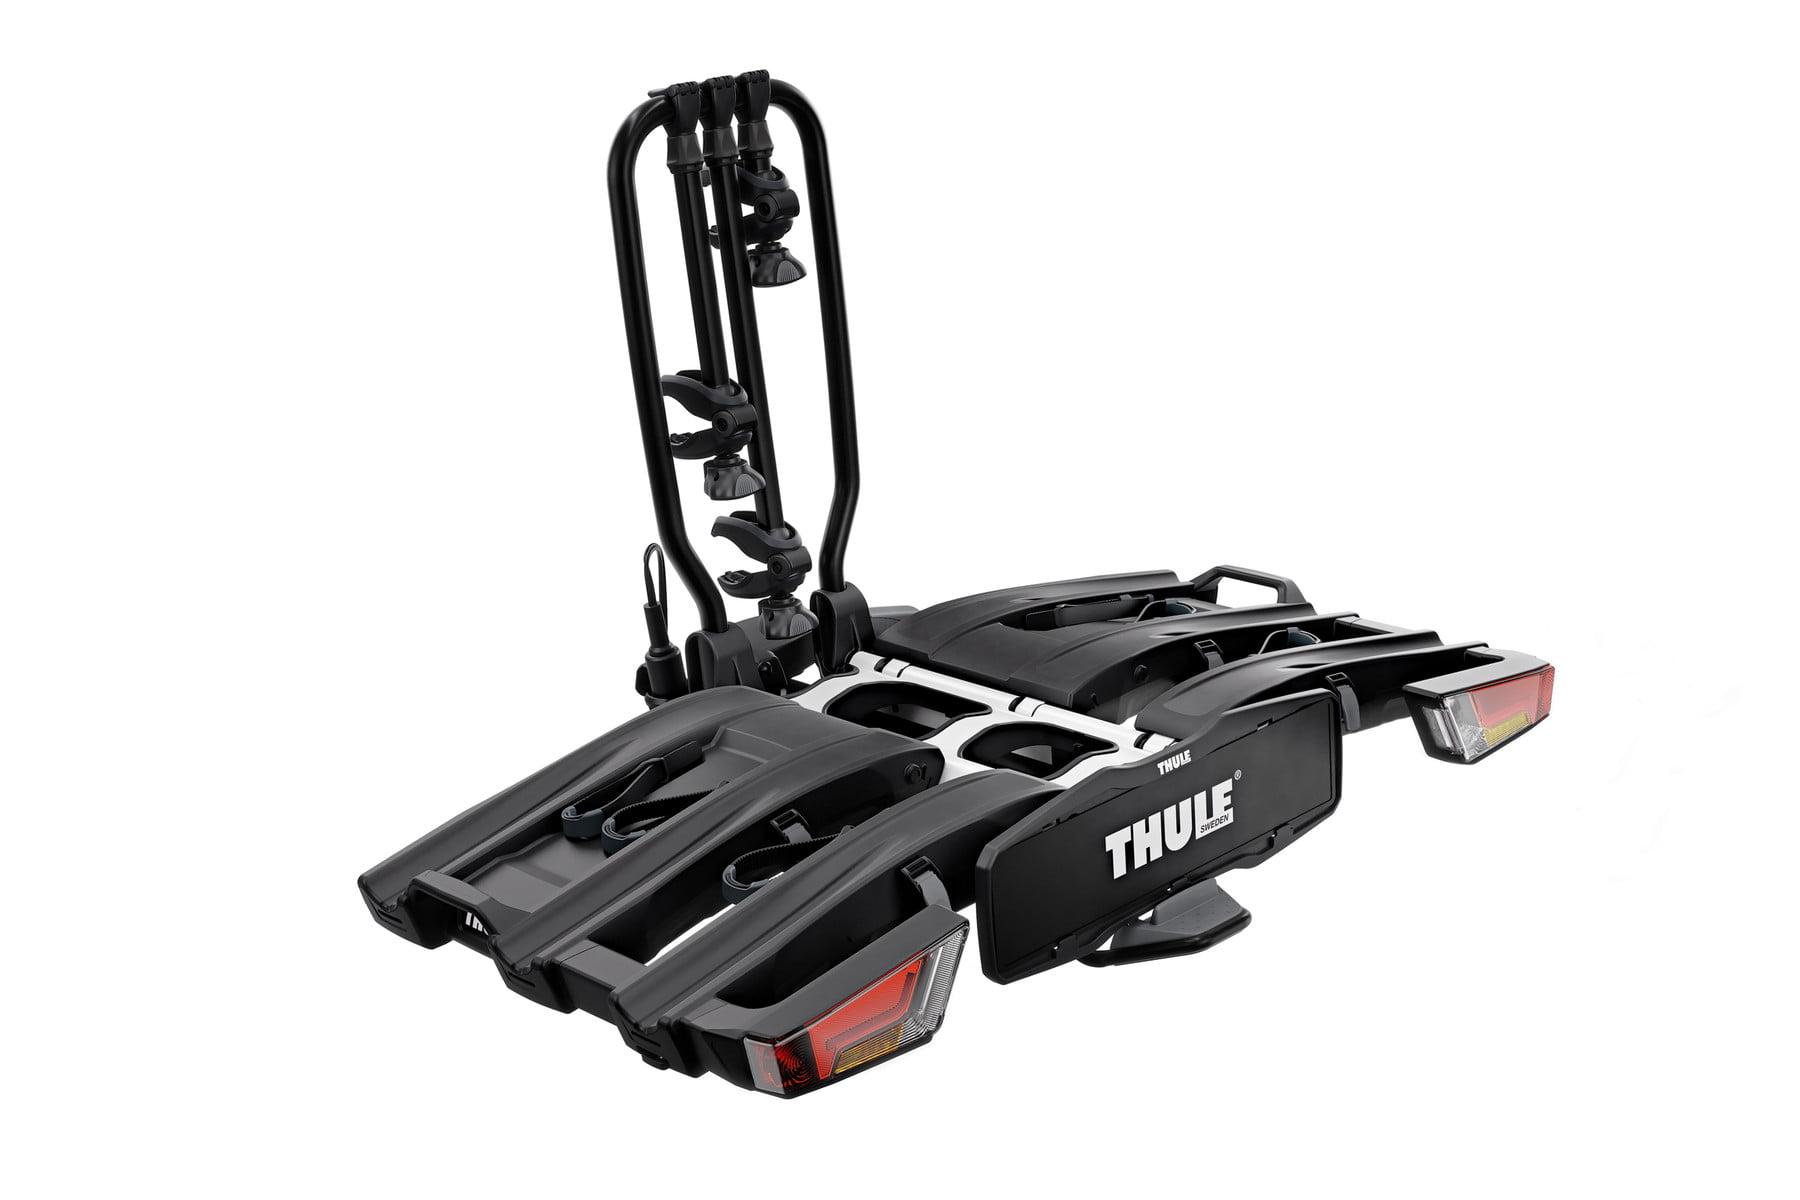 Suport biciclete Thule EasyFold XT 3 cu prindere pe carligul de remorcare pentru 3 biciclete Negru 1